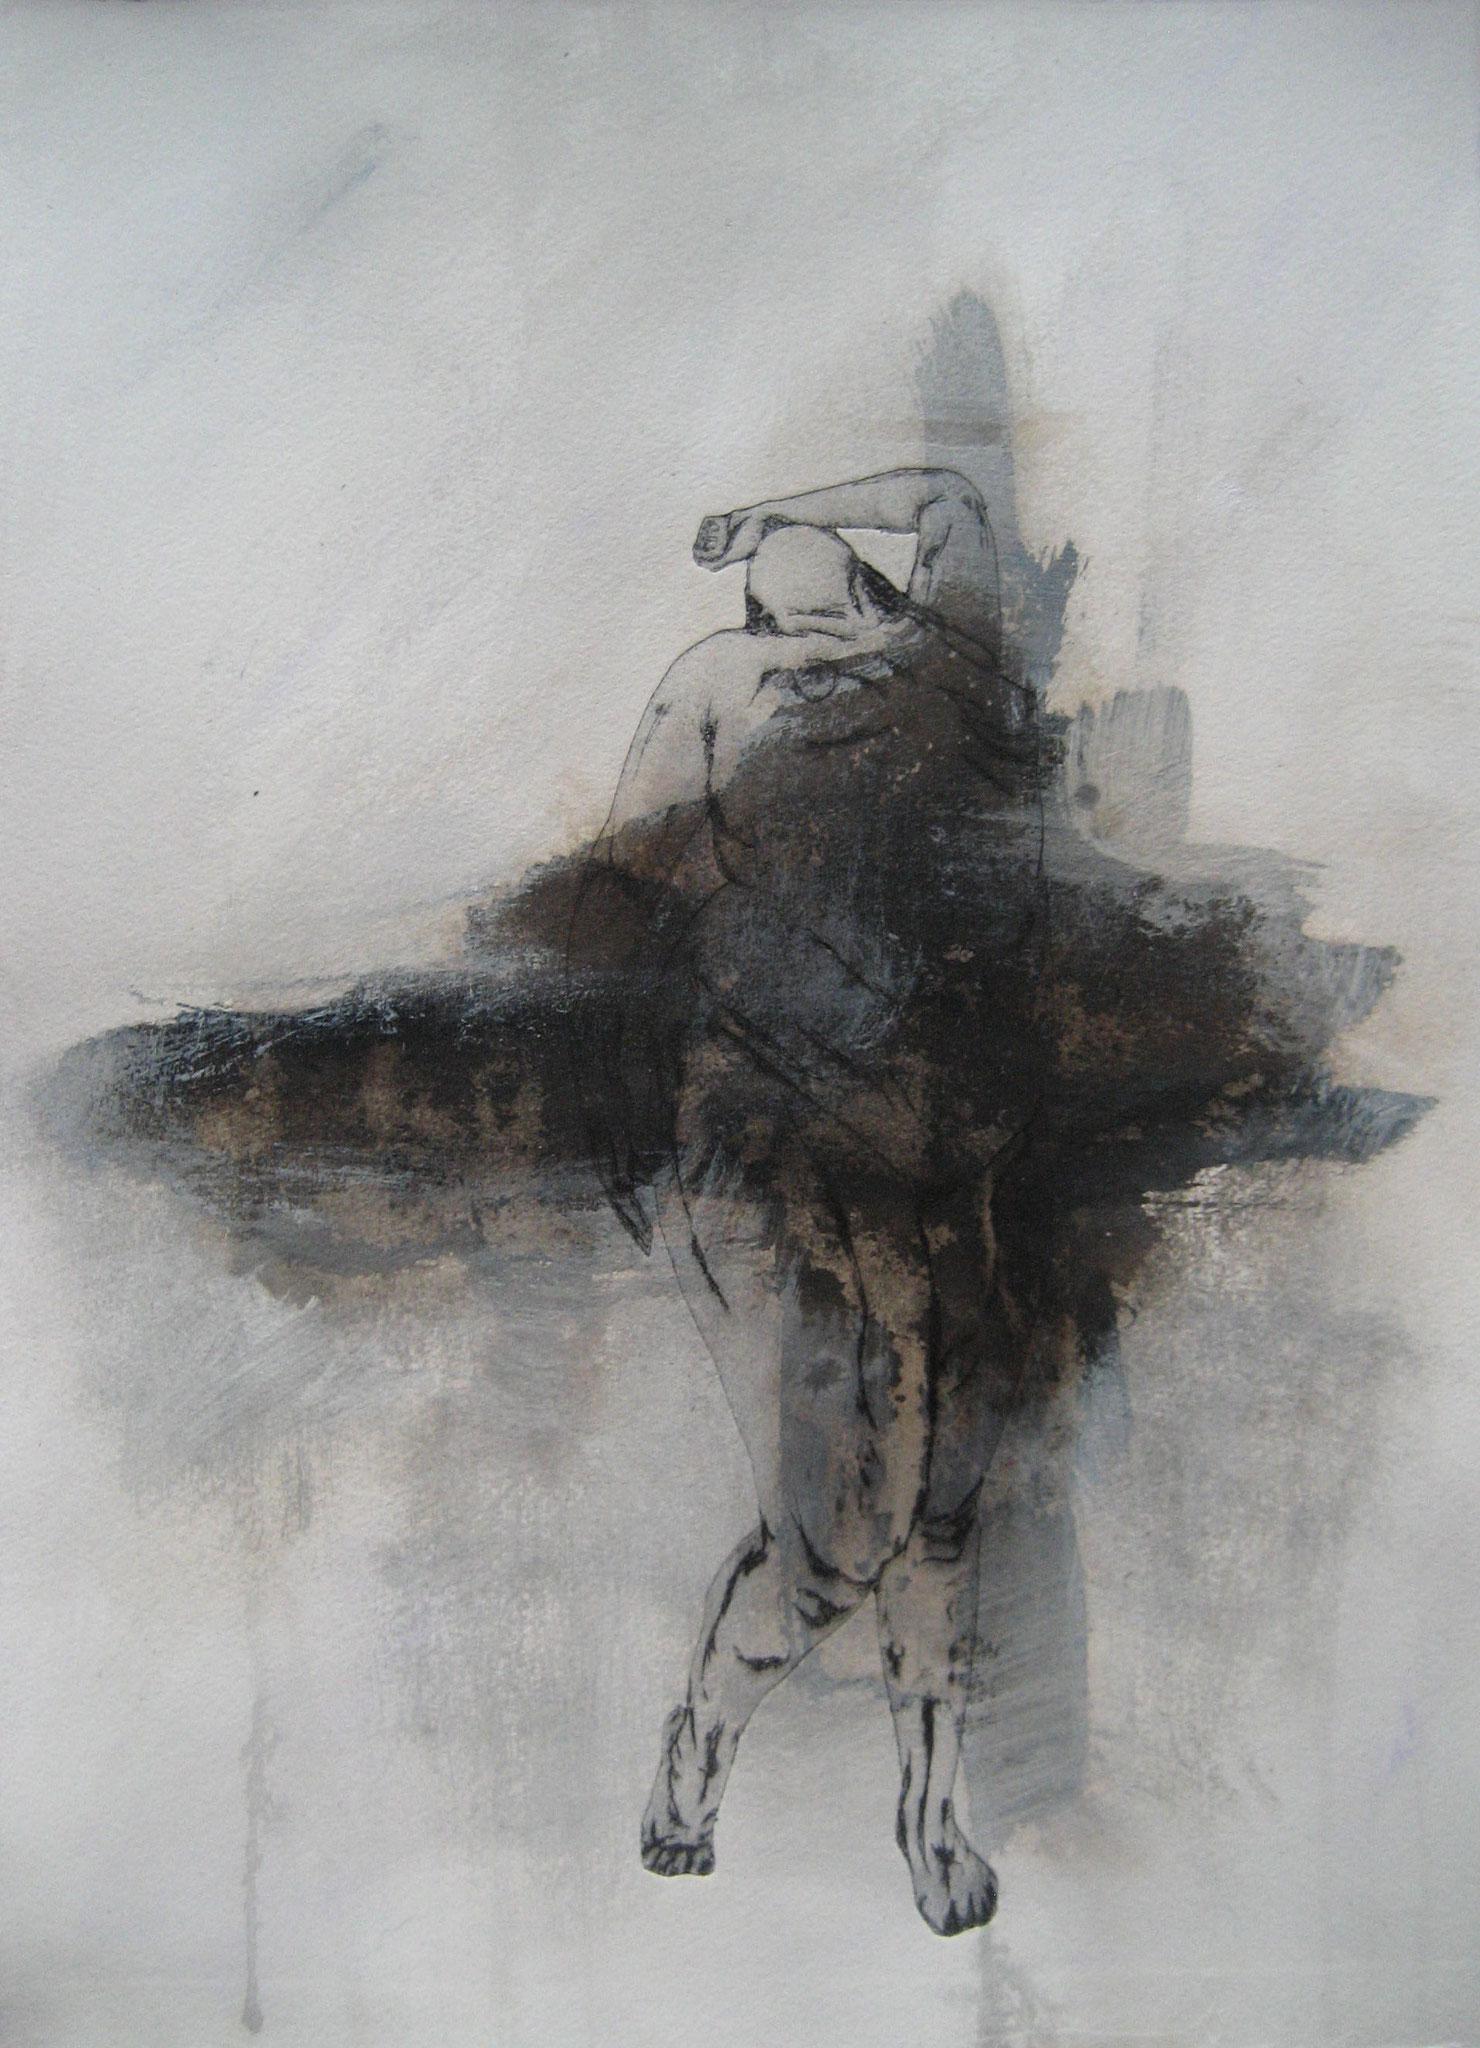 Sans titre - Pointe sèche et carborundum sur rhénalon, peinture acrylique - 2013